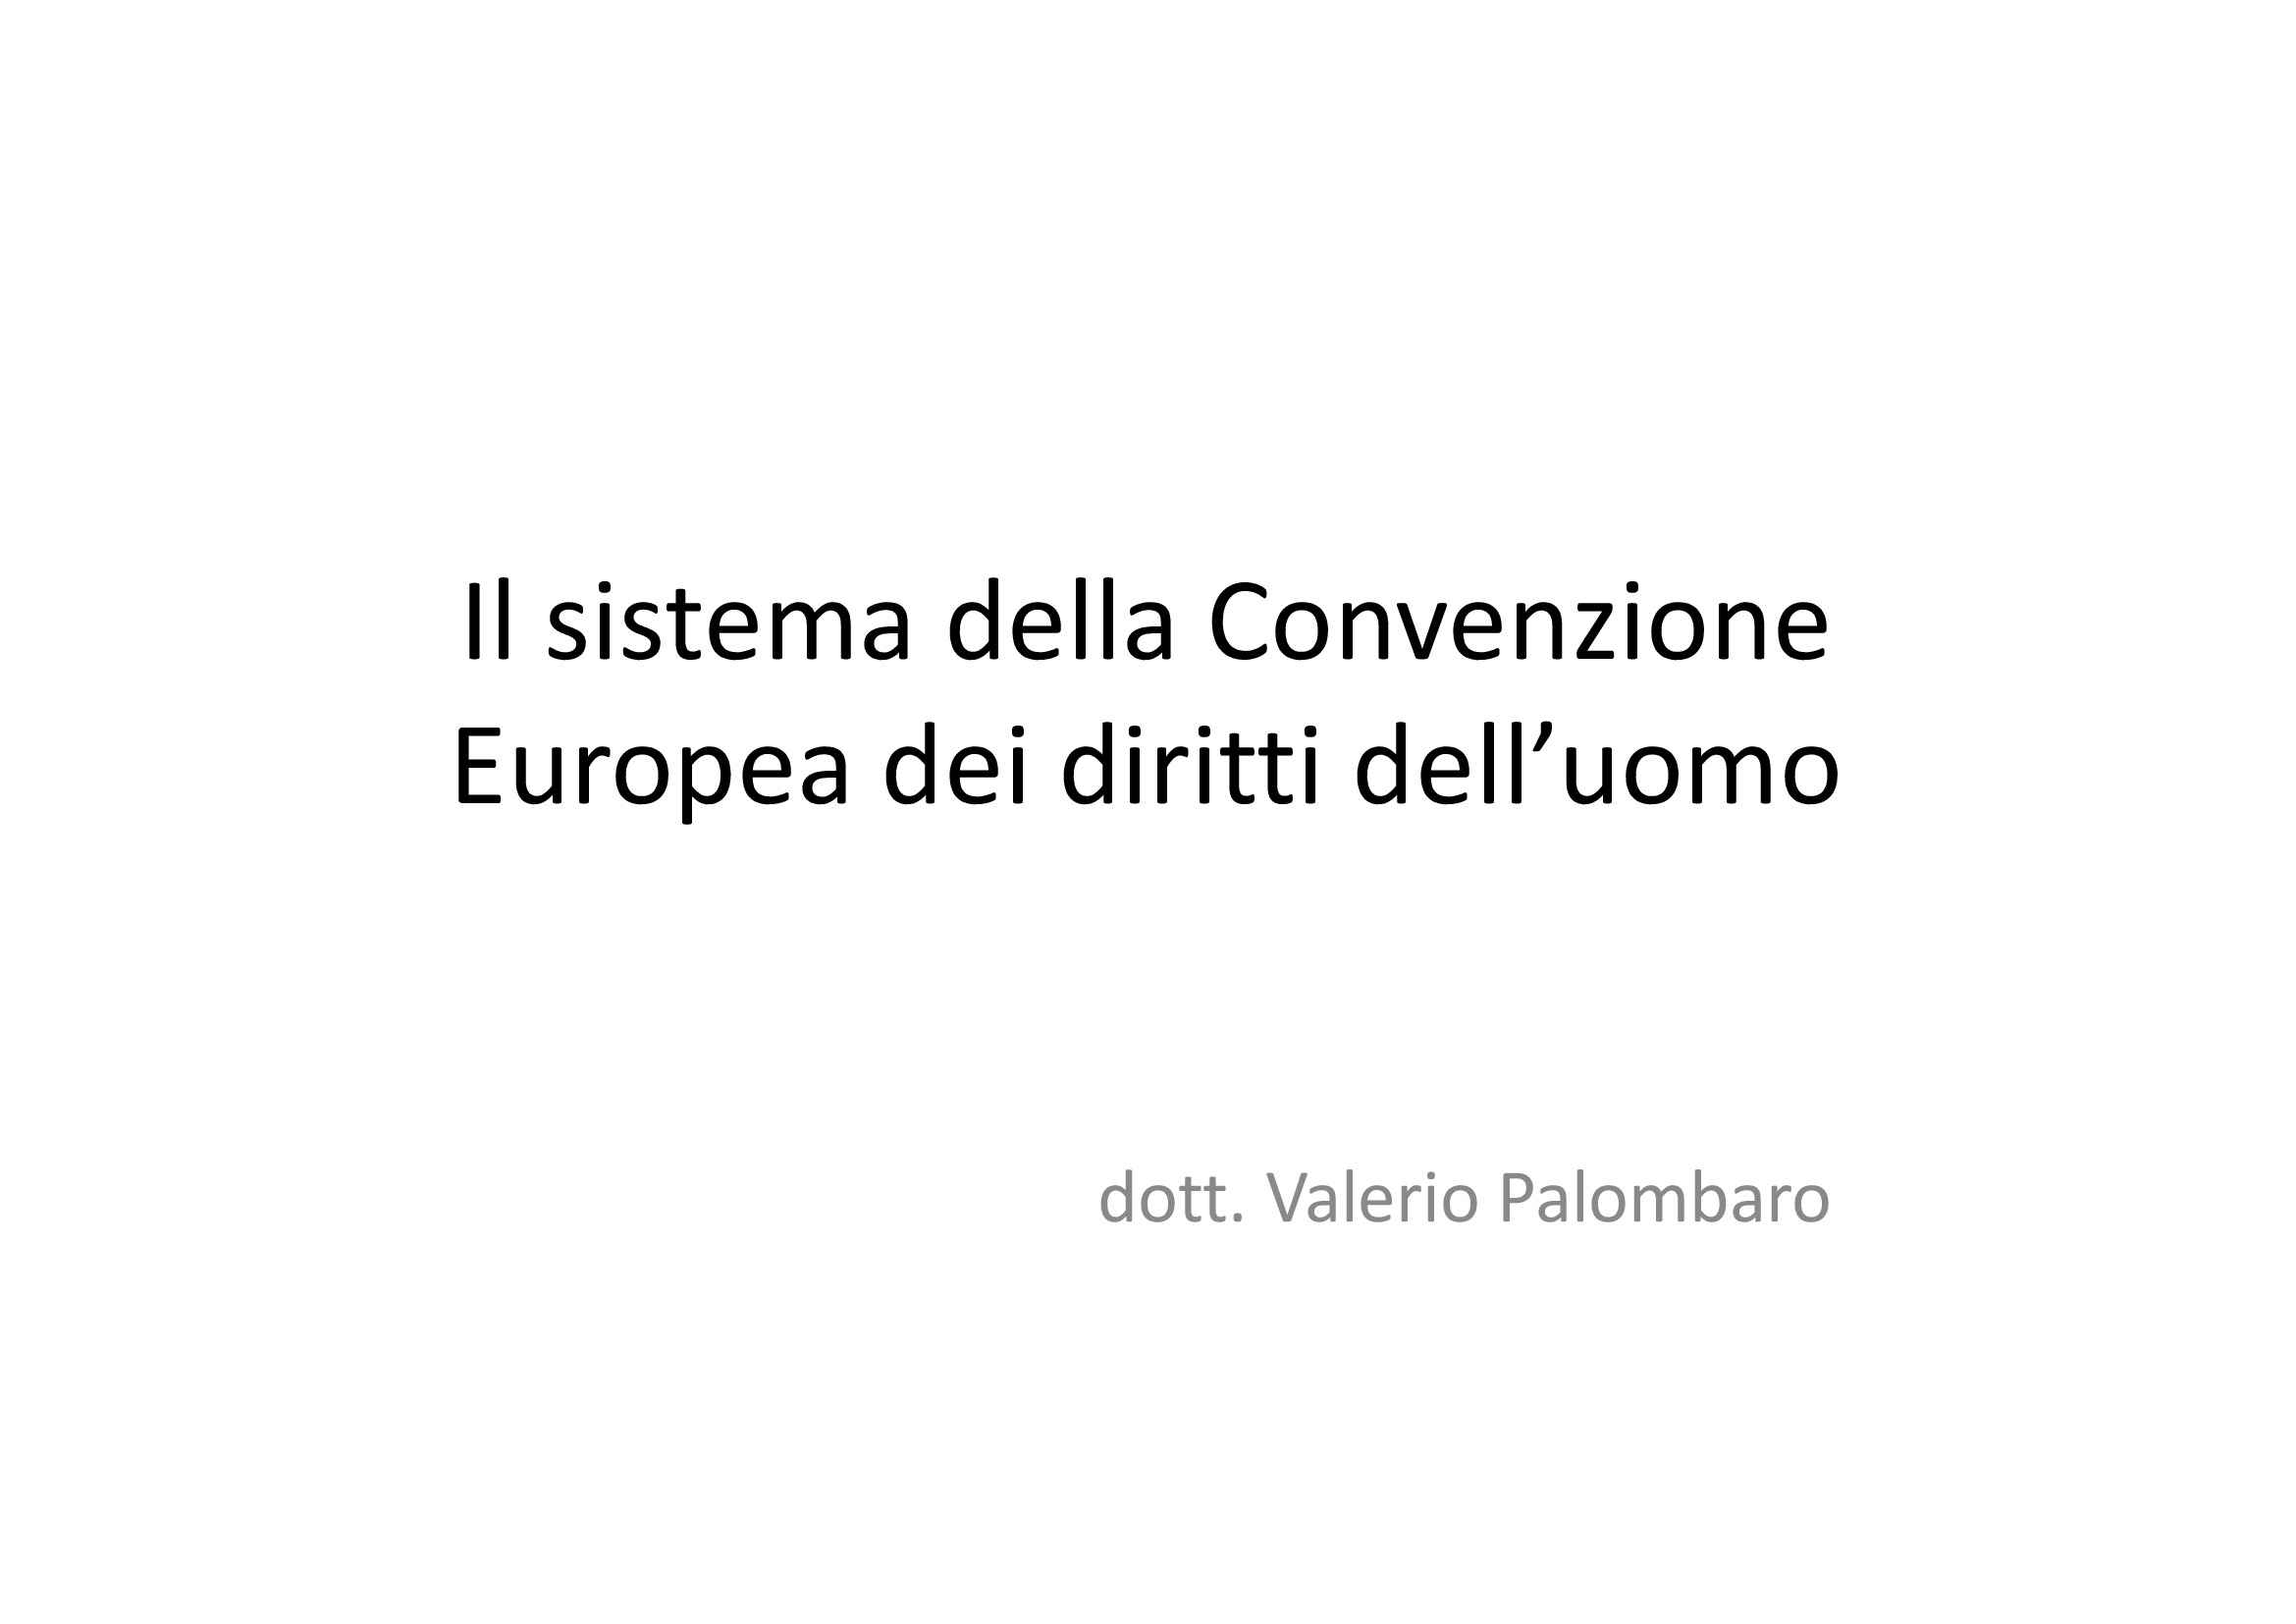 Sistema della Convenzione Europea dei diritti dell'uomo